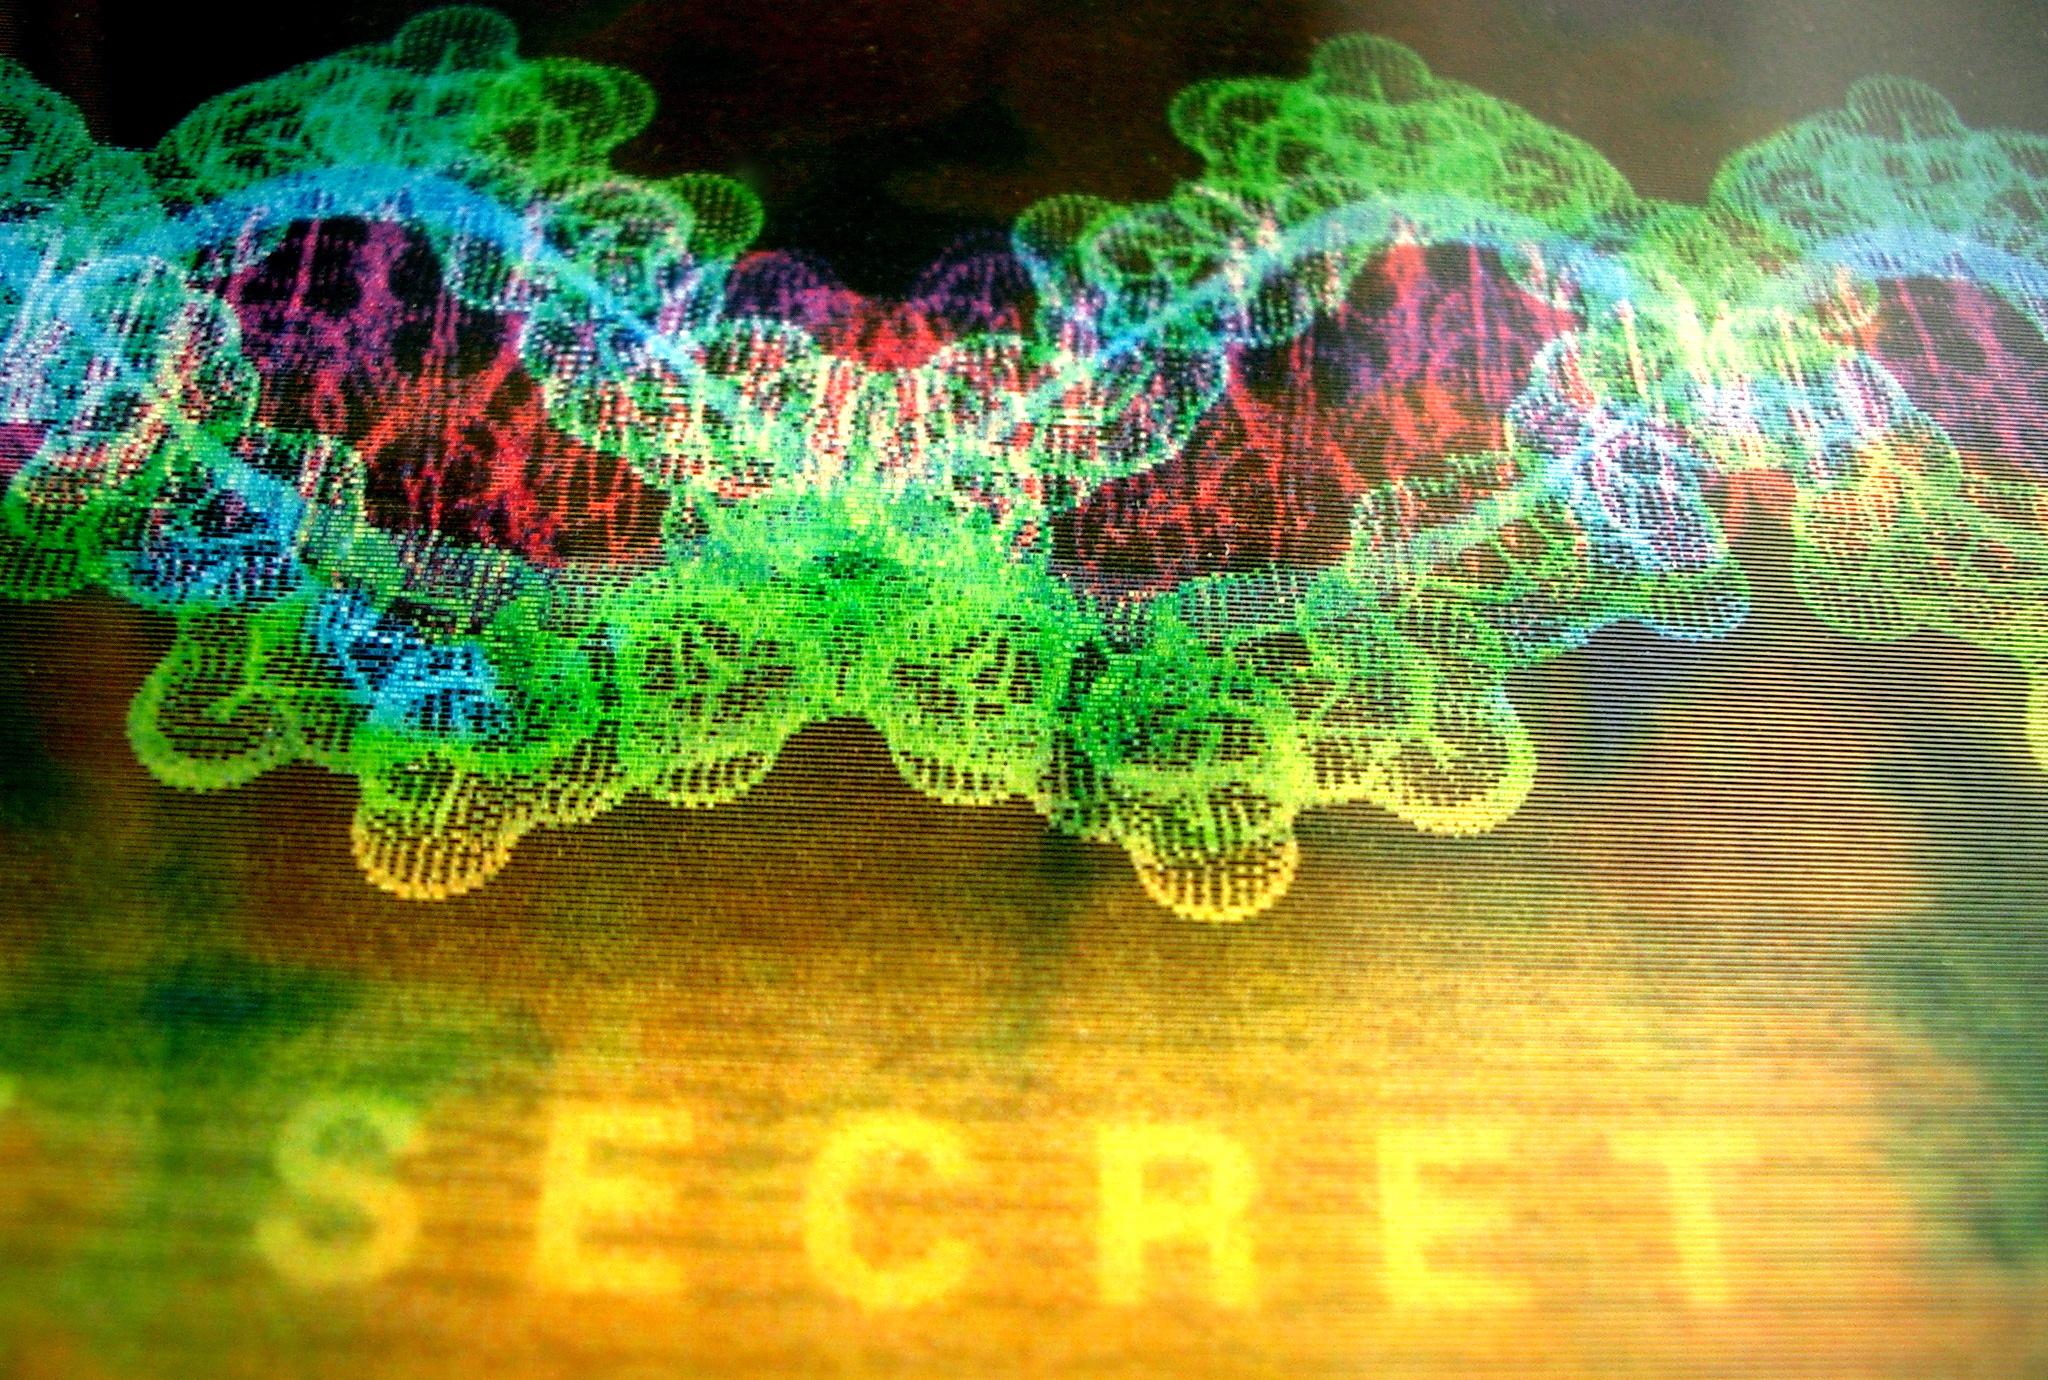 Morgellons is not Nanotechnology